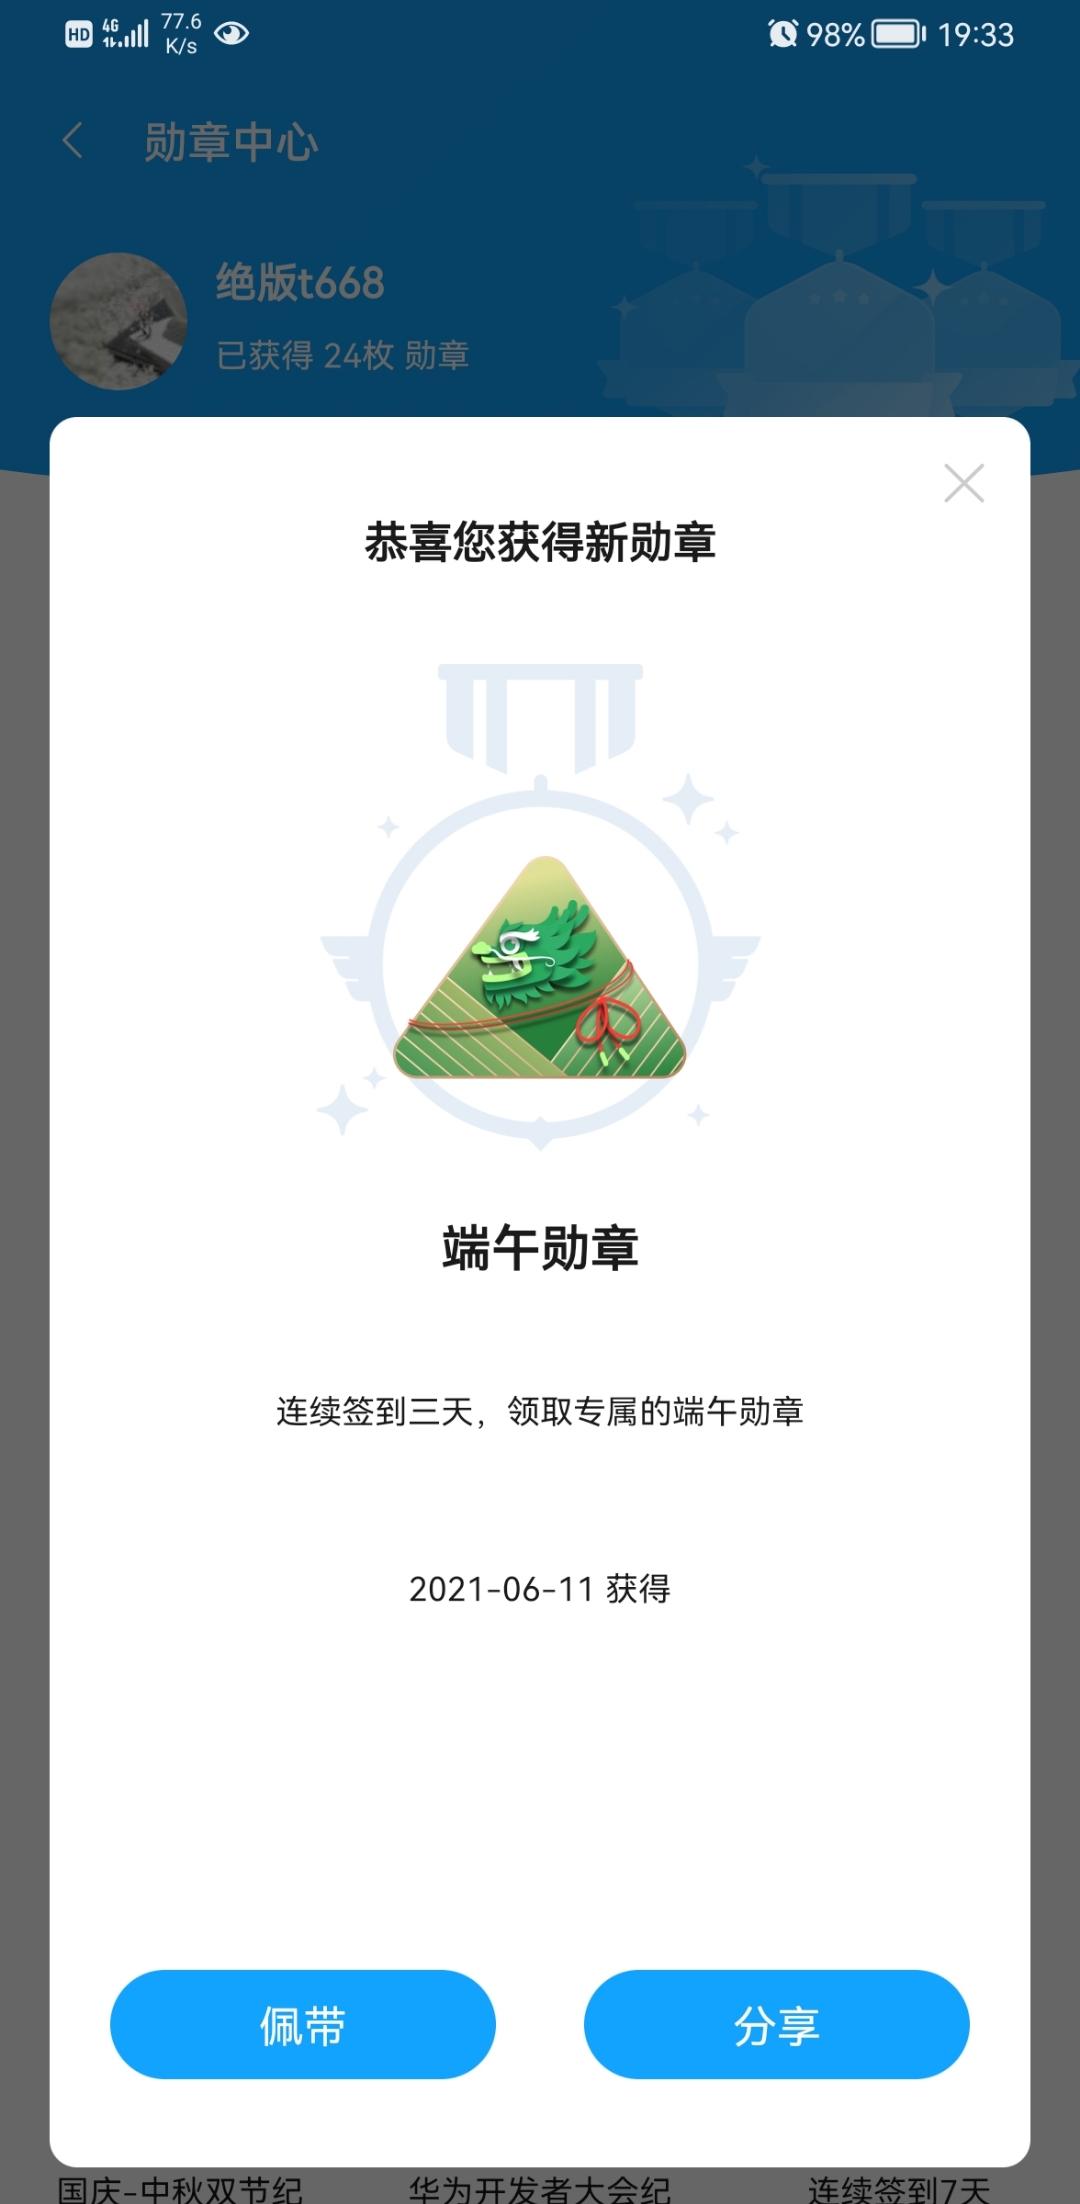 Screenshot_20210611_193331_com.huawei.fans.jpg